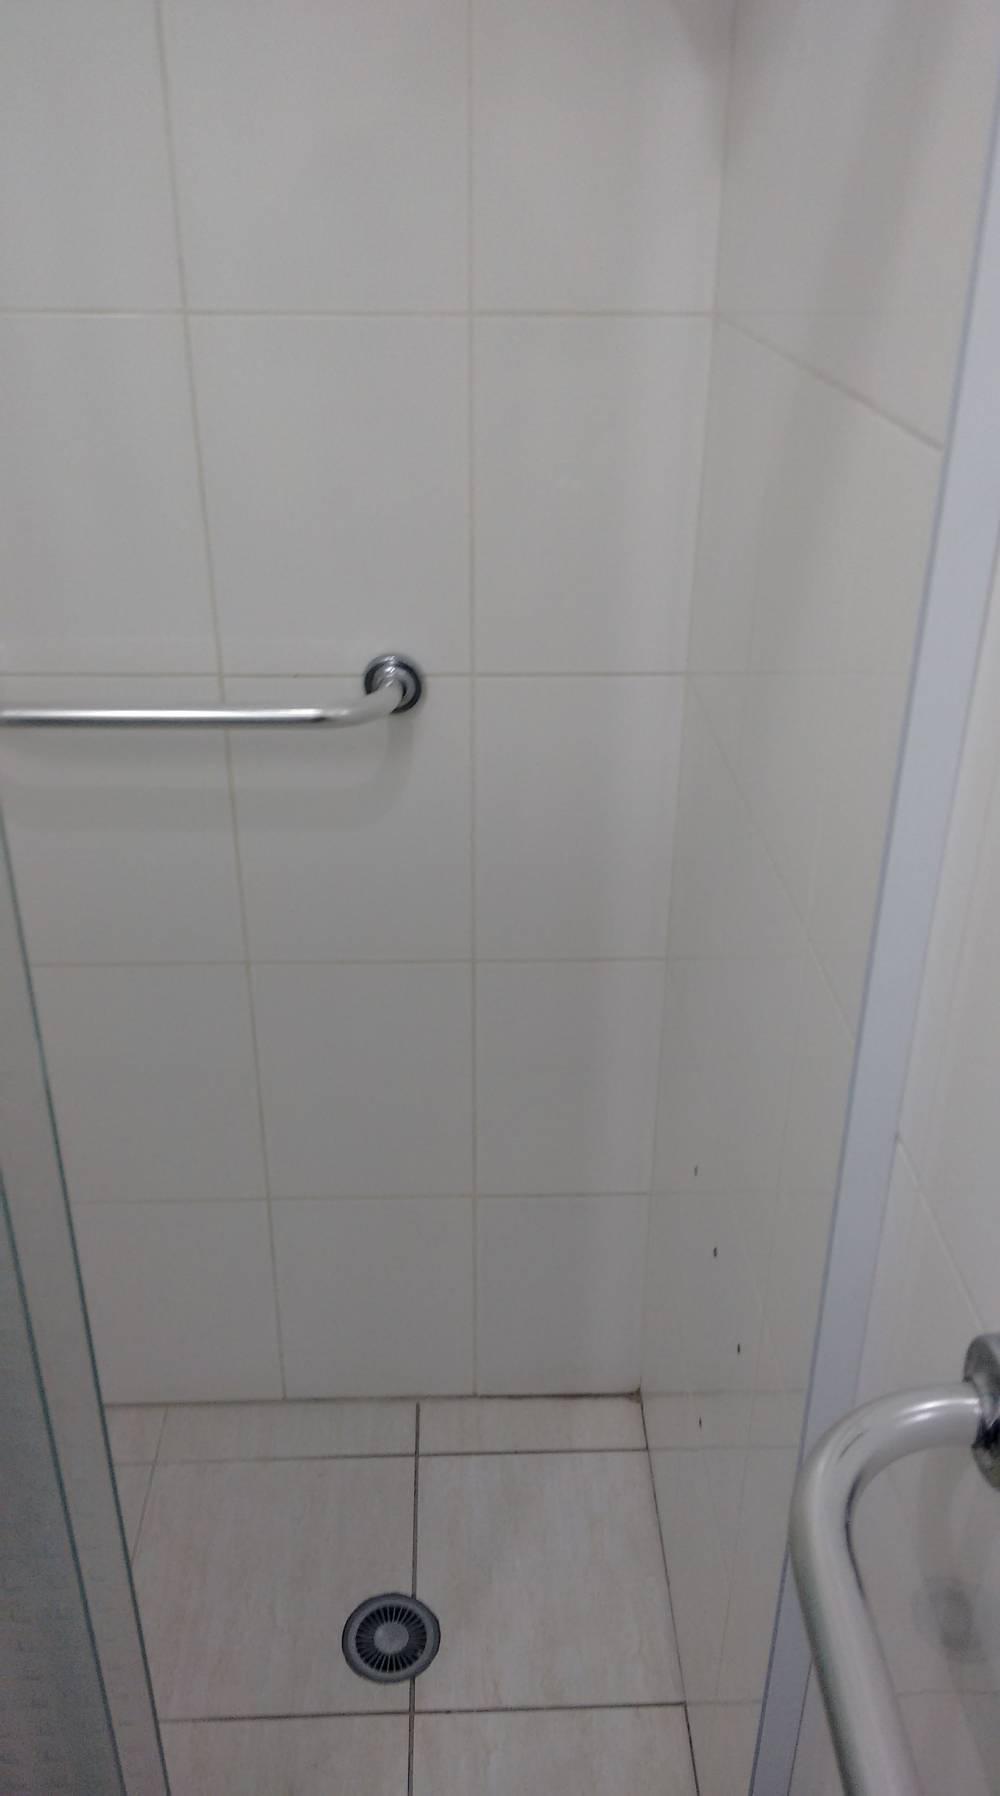 Preciso Fazer Reparos em Minha Residência no Bairro Santa Maria - Reparos Residenciais em Diadema